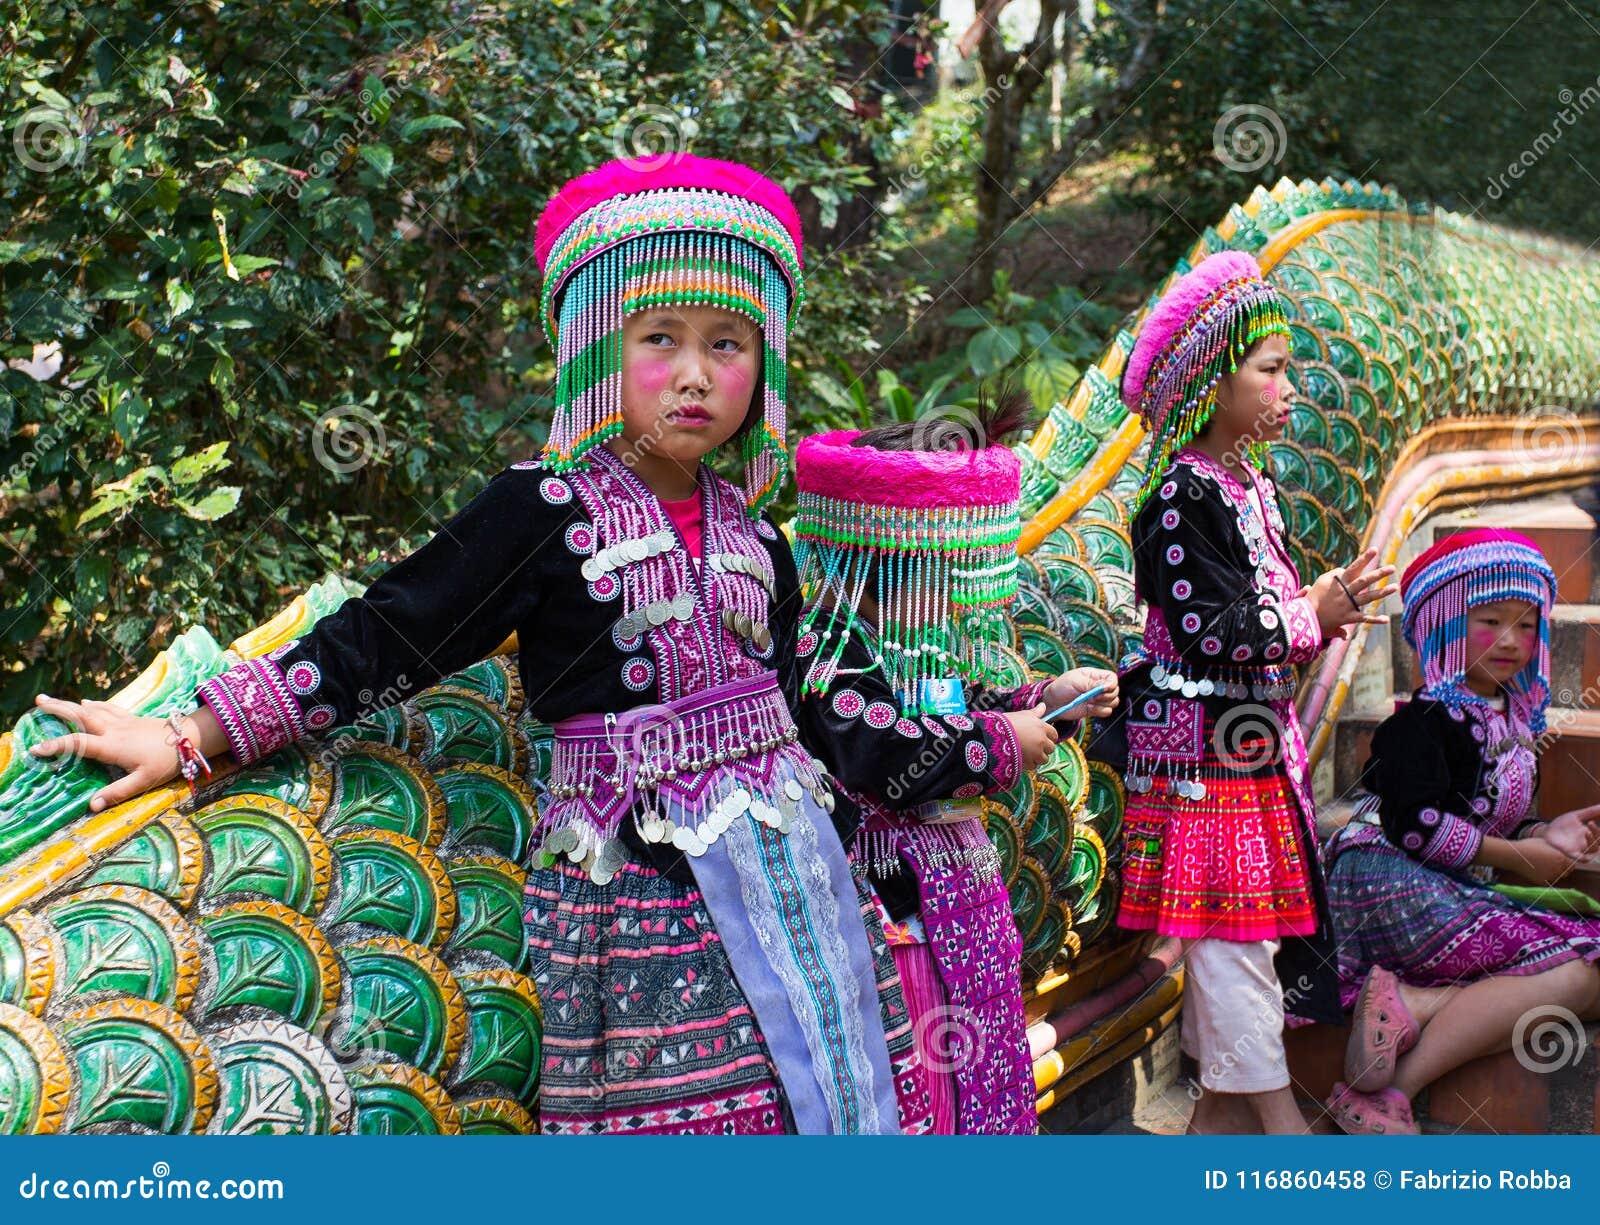 3 неопознанных дет Akha представляют для туристских фото на Wat Phratat Doi Suthep дальше в Чиангмае, Таиланде